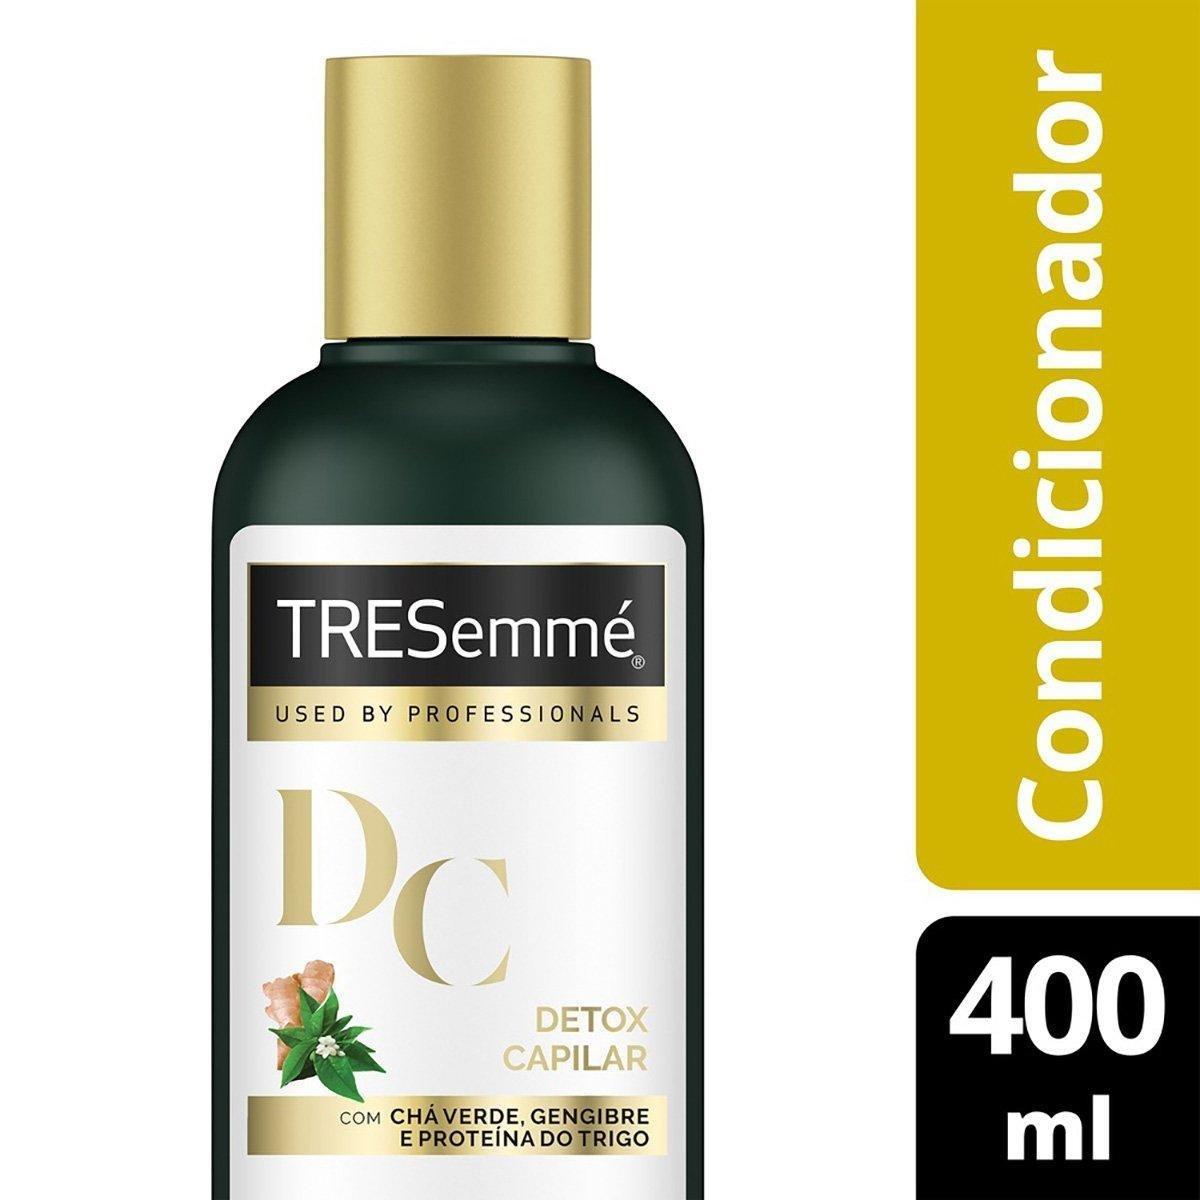 Condicionador Tresemmé Detox Capilar 400ml